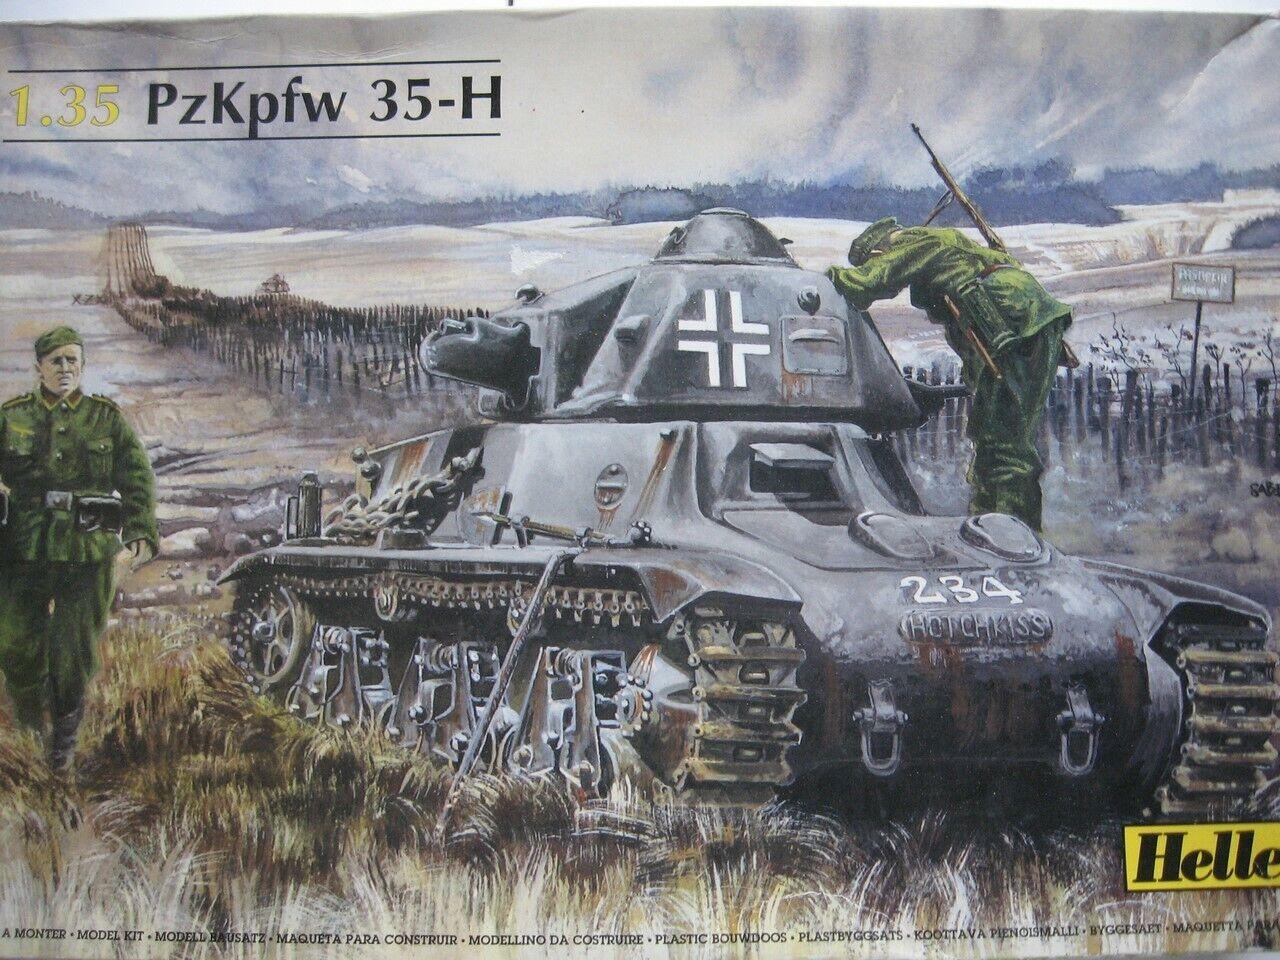 Panzer PzKpfw 35 - H Heller 1/35